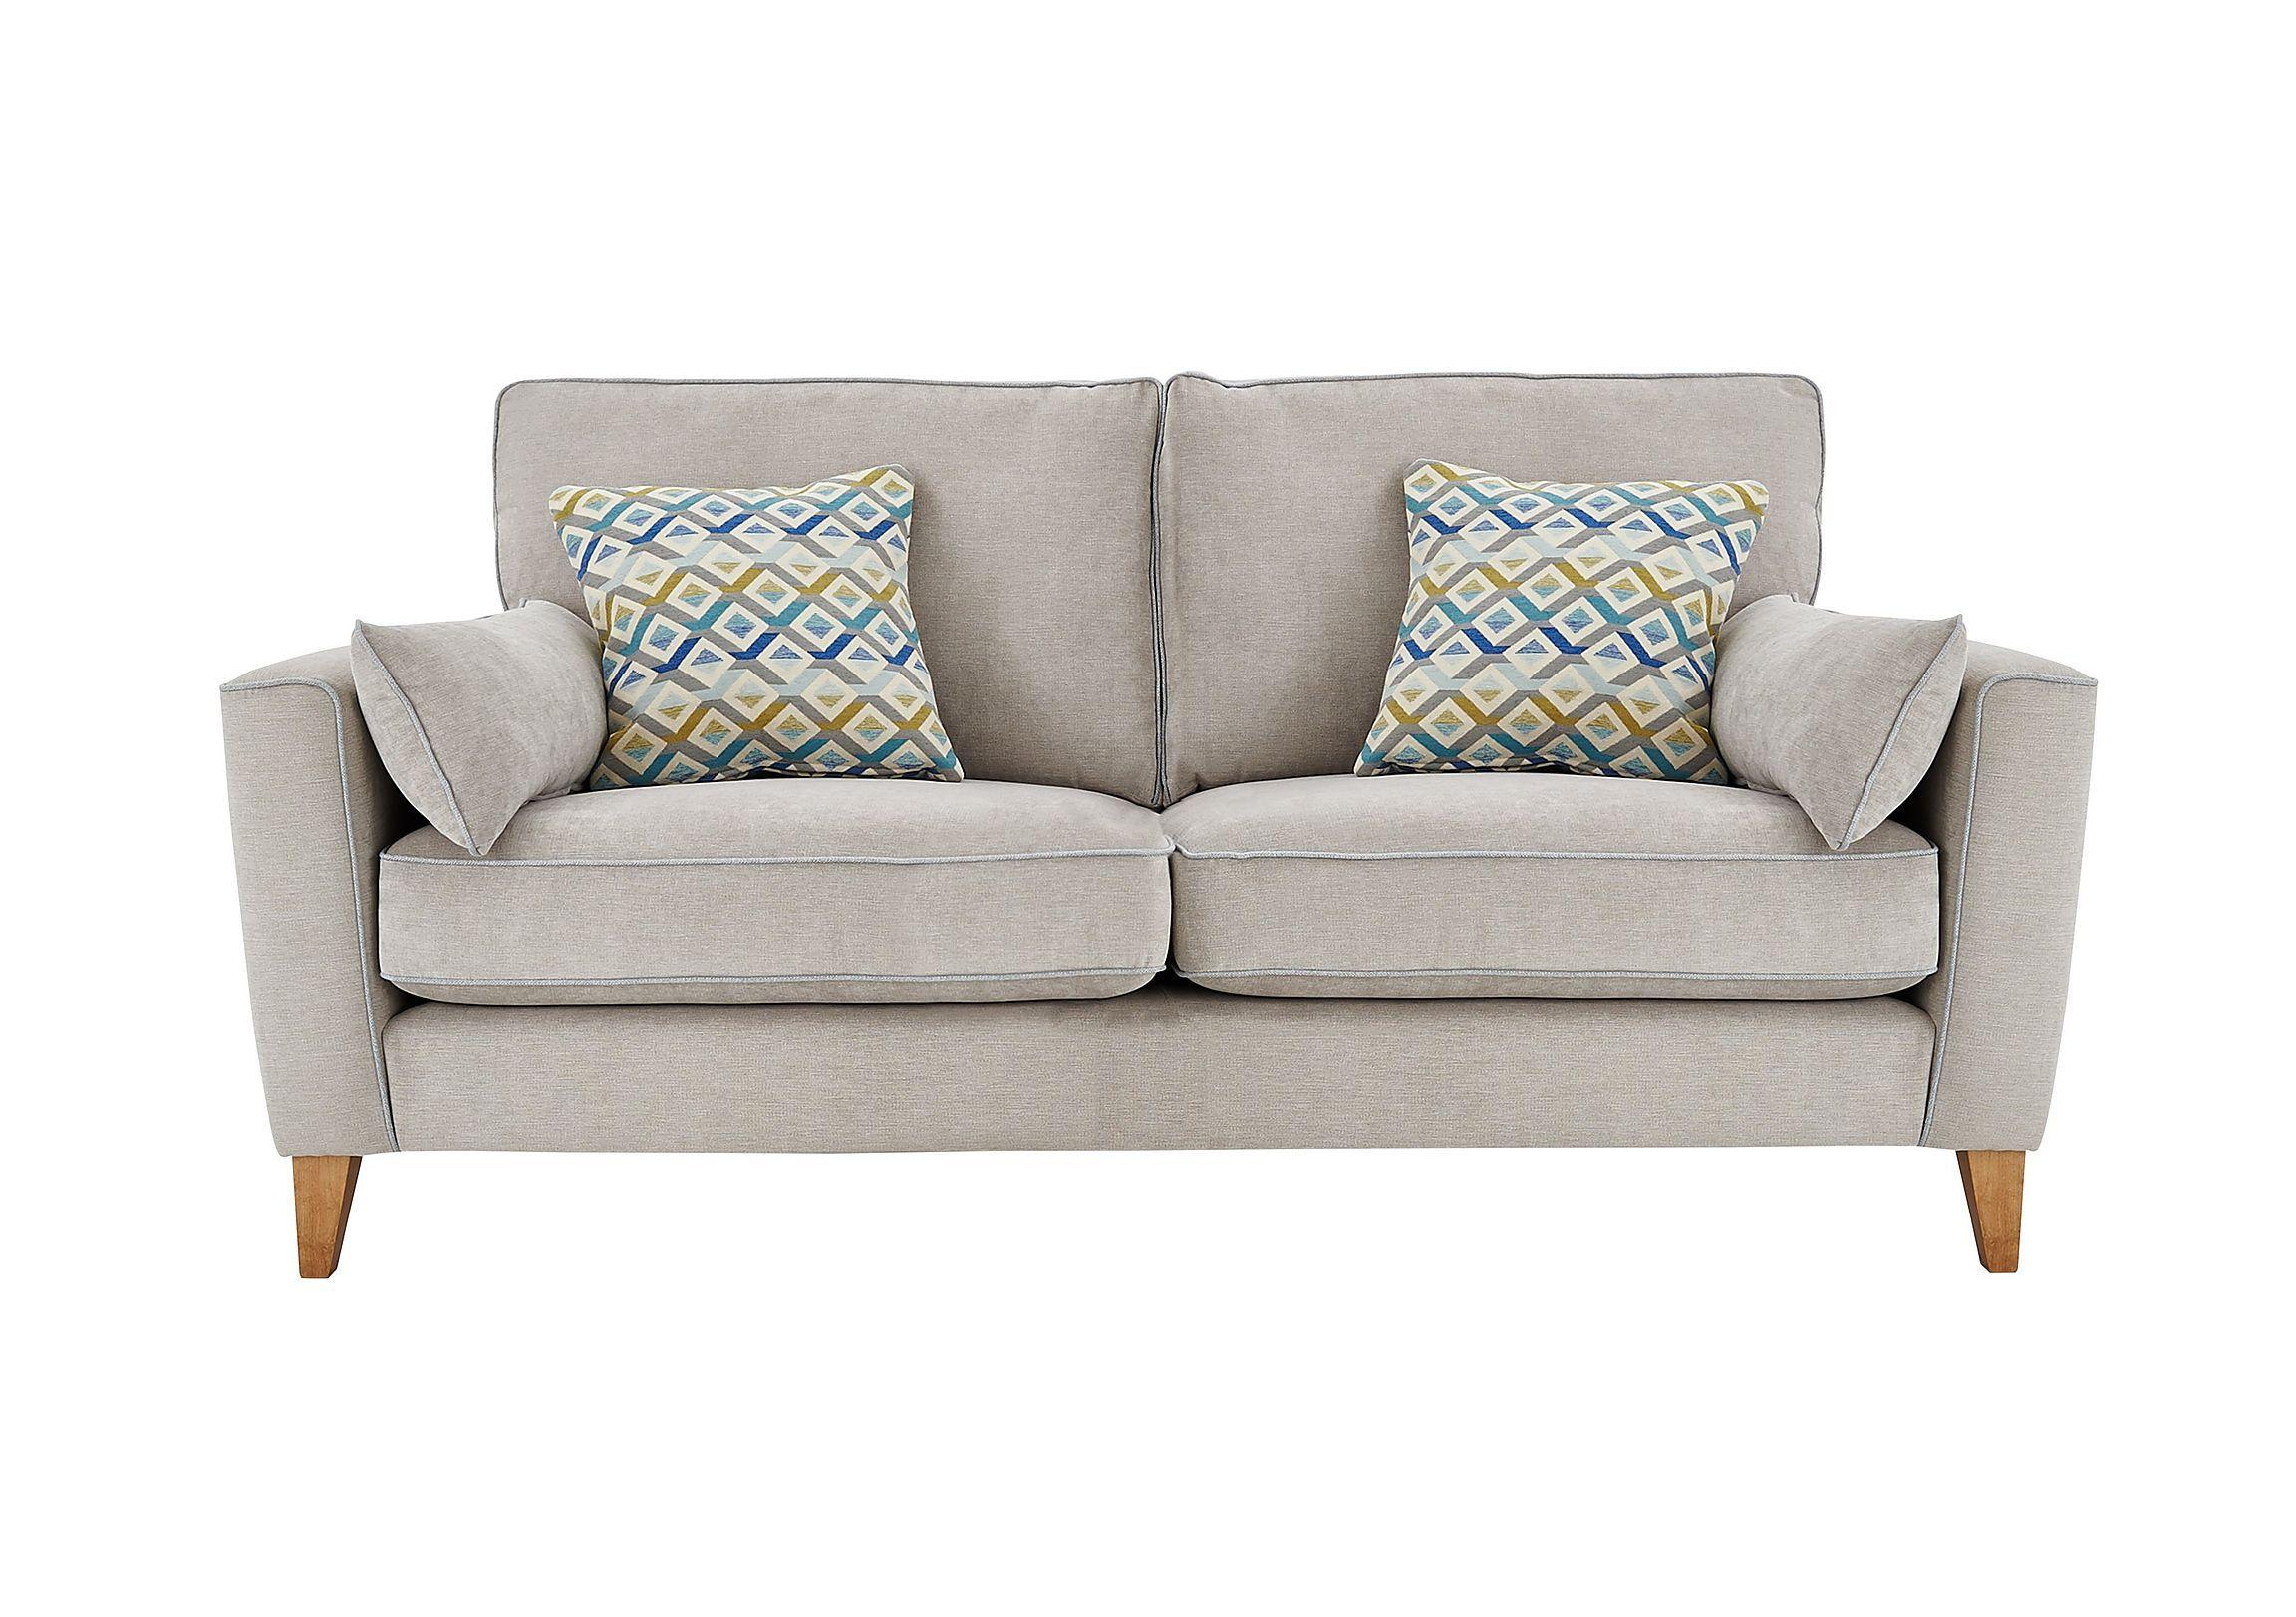 Copenhagen 3 Seater Fabric Sofa